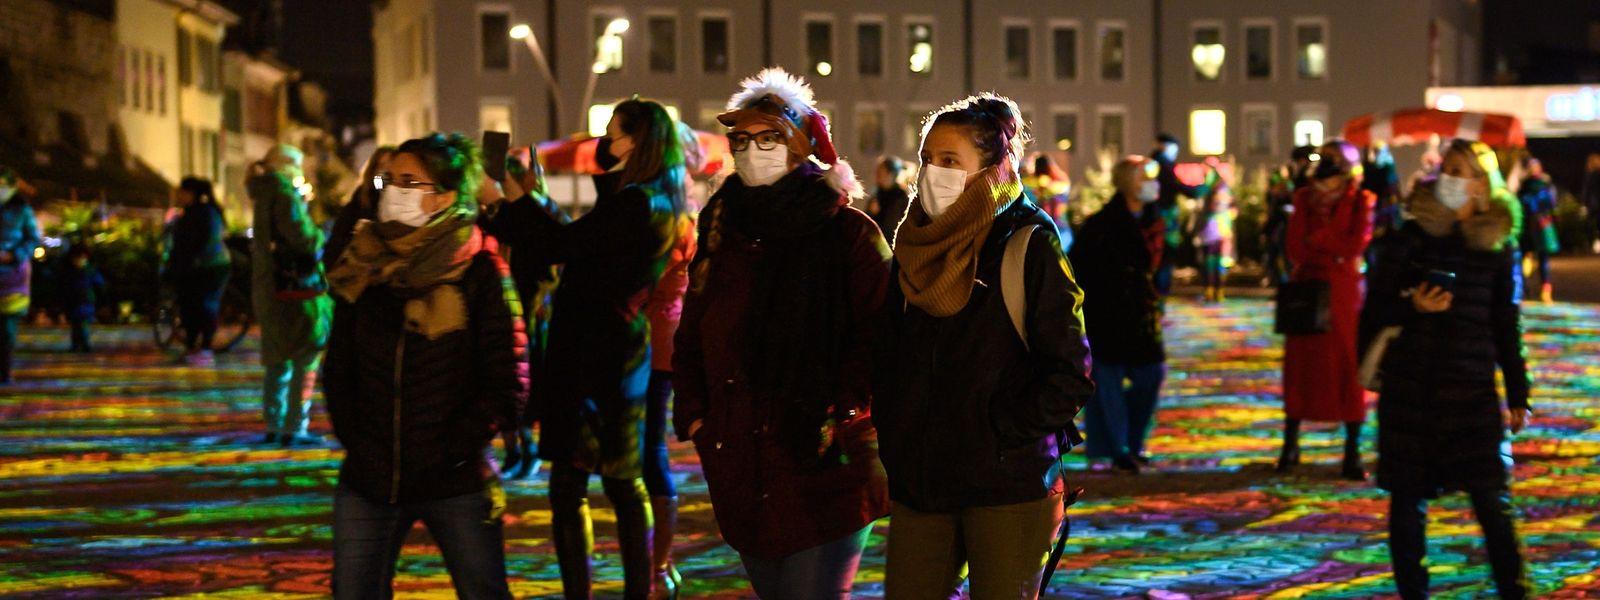 In der Altstadt von Lausanne ist in der Woche vor Weihnachten viel los- trotz der Corona-Pandemie.